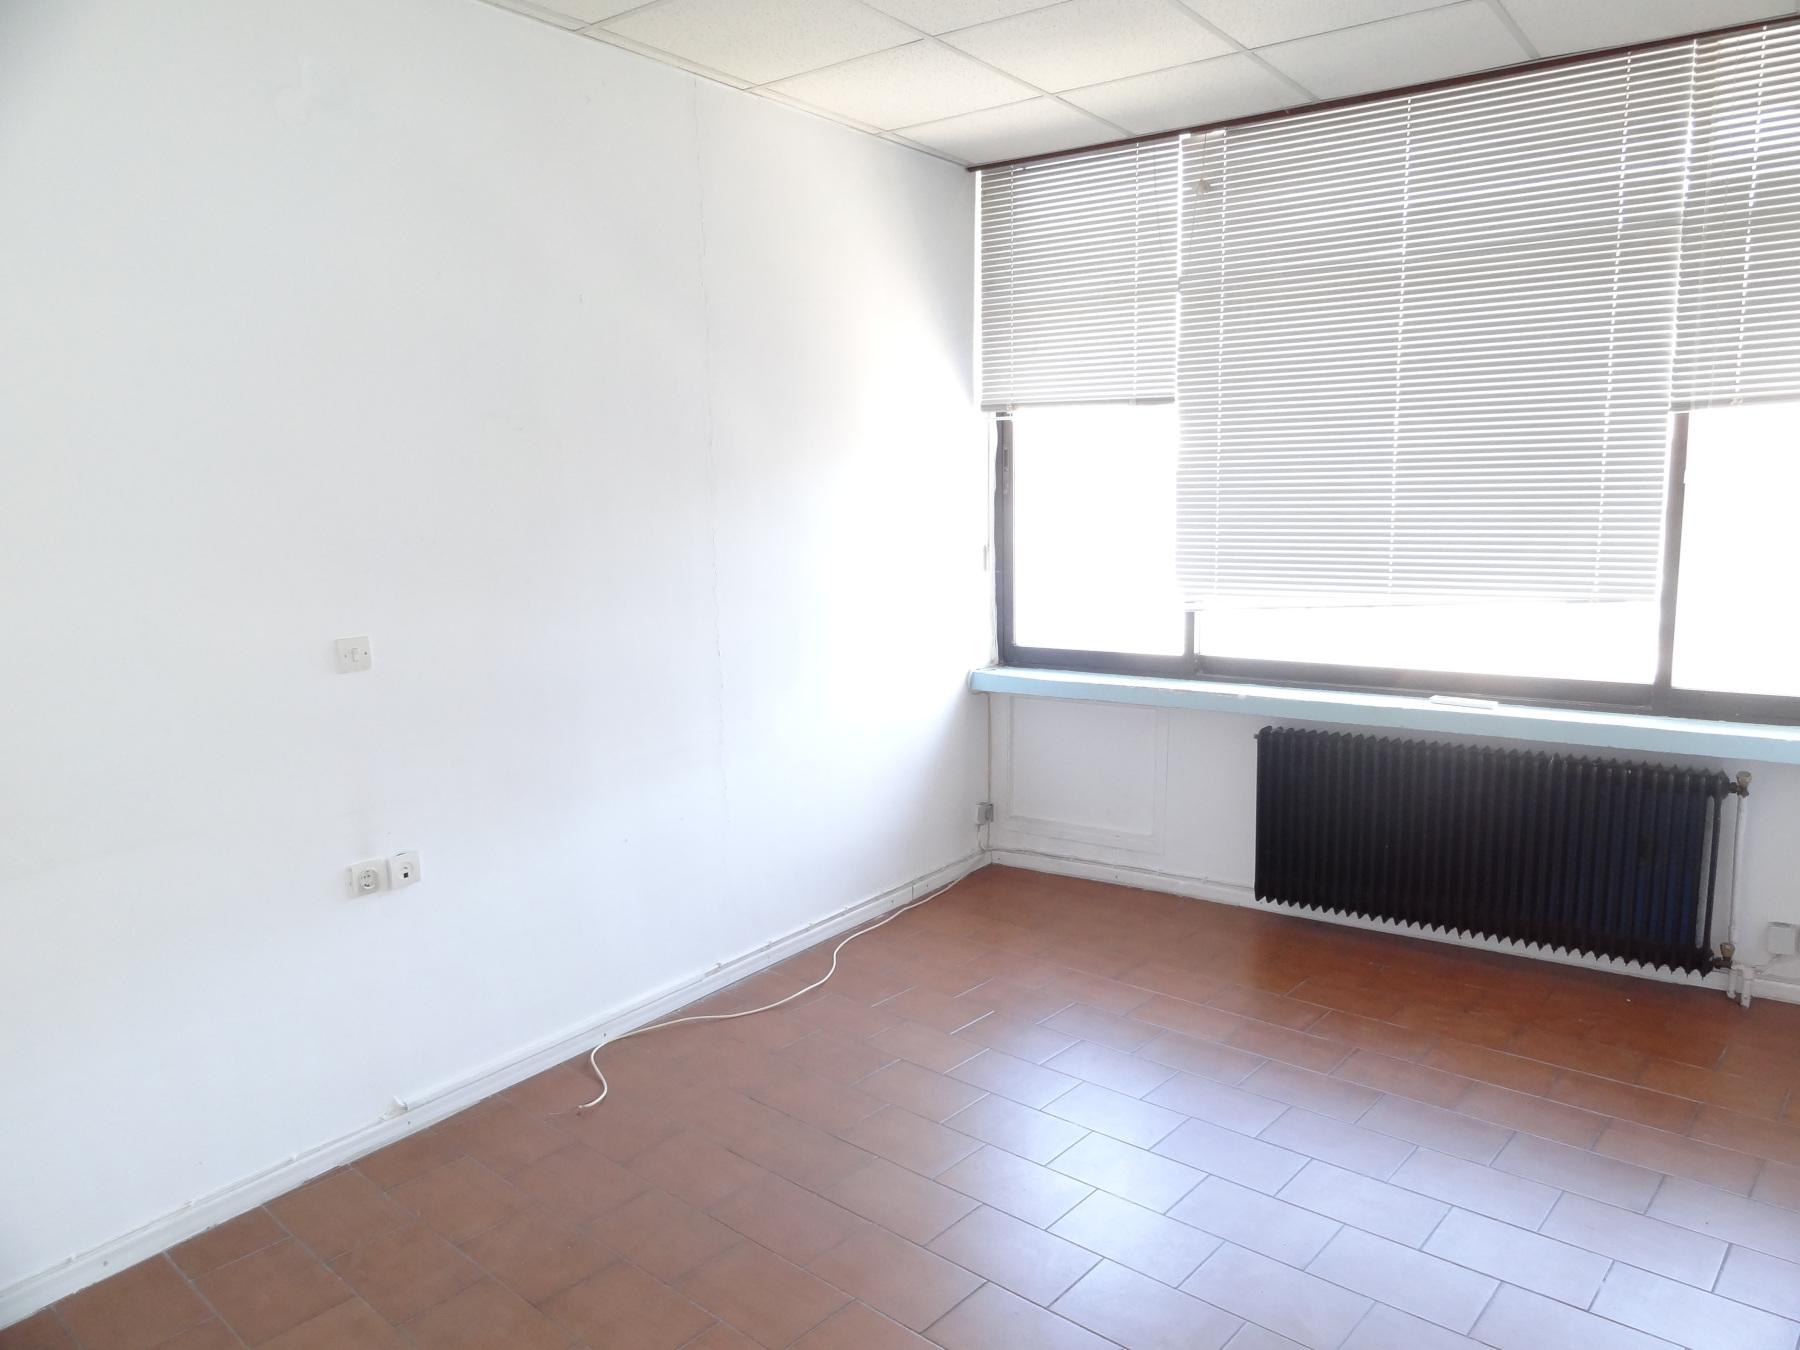 Ενοικιάζεται επαγγελματικός χώρος γραφείο 30 τ.μ. 3ου ορόφου στο κέντρο των Ιωαννίνων πολύ κοντά στο κτίριο της Περιφέρειας